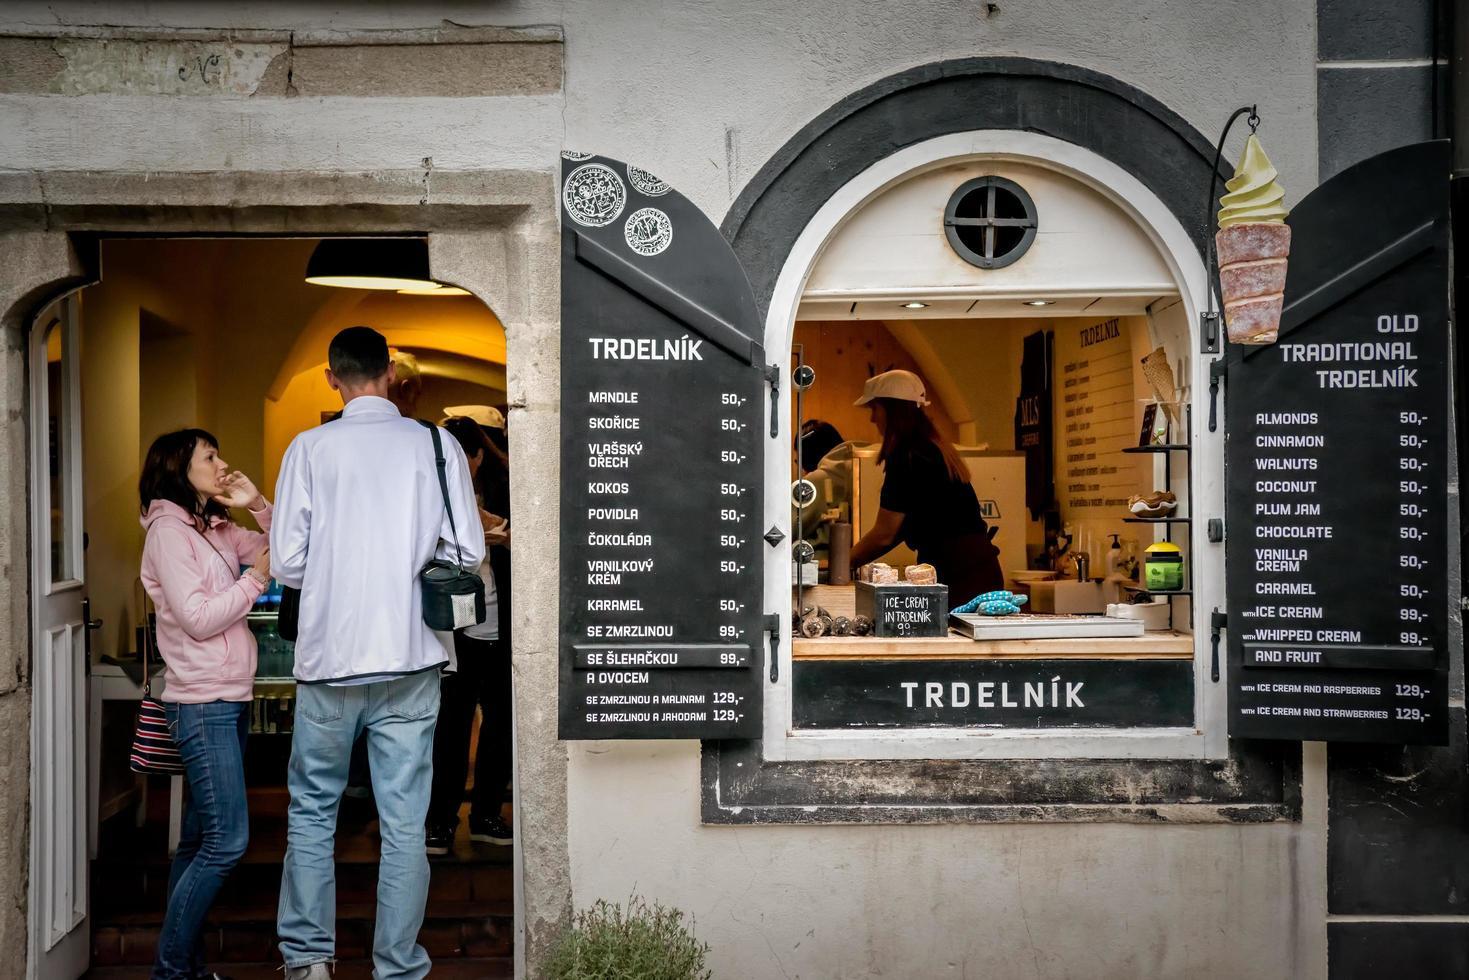 Tsjechië 2016 - traditionele trdelnik-banketbakkerij in het historische centrum van Cesky Krumlov foto